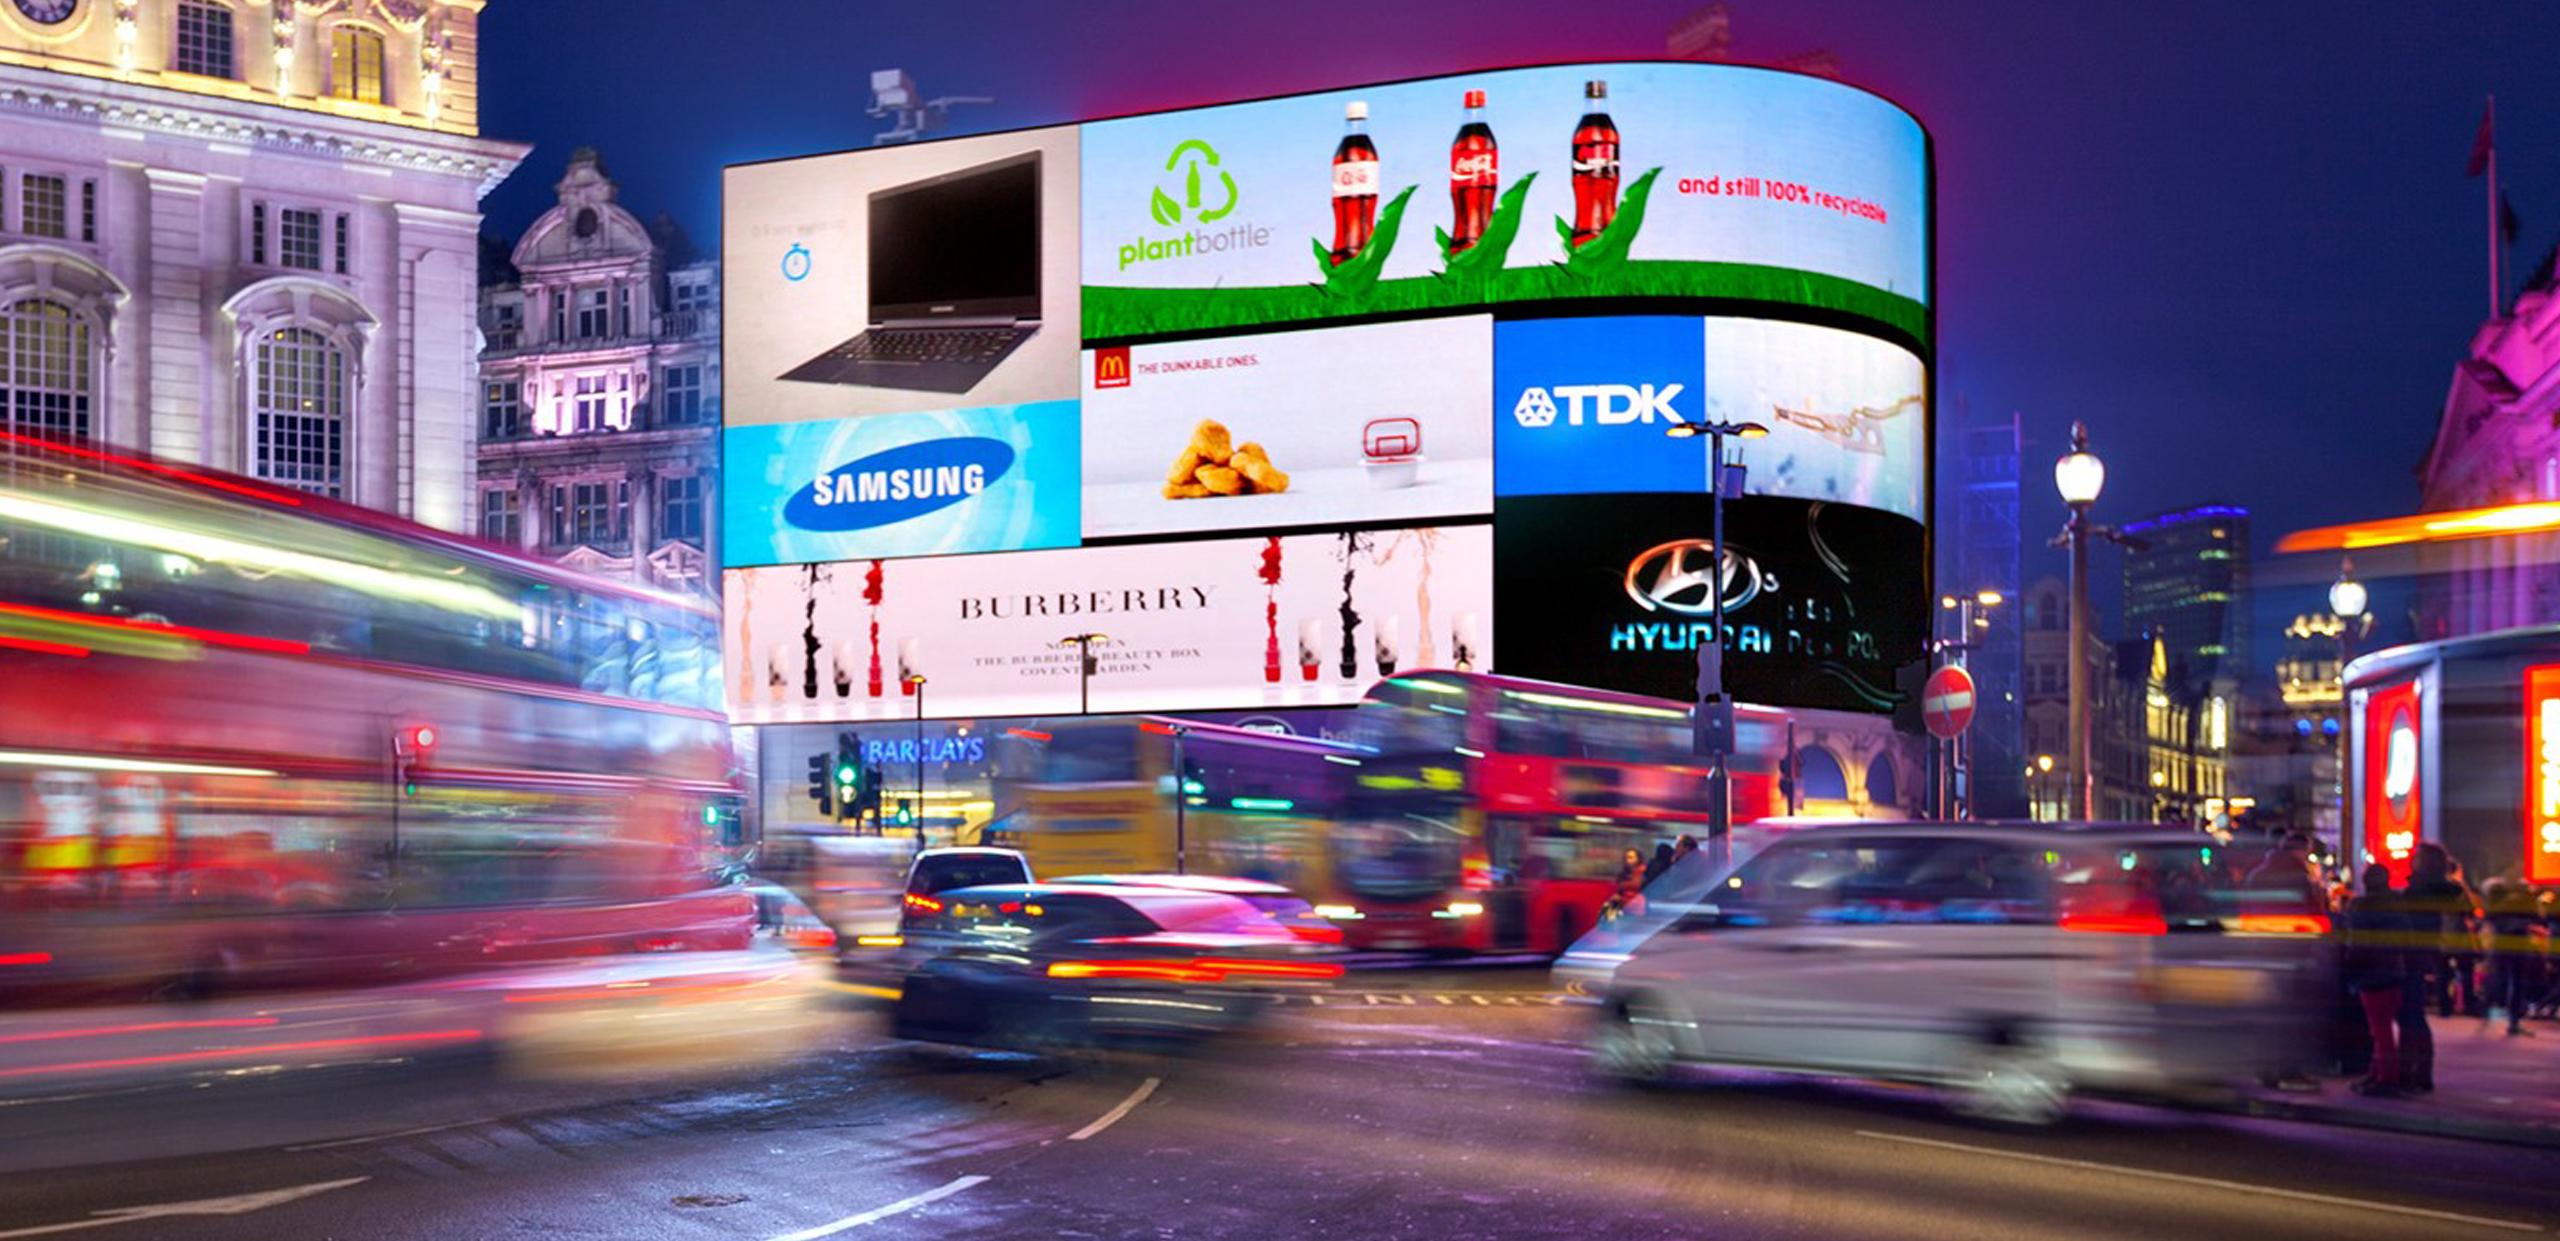 La evolución de la publicidad exterior